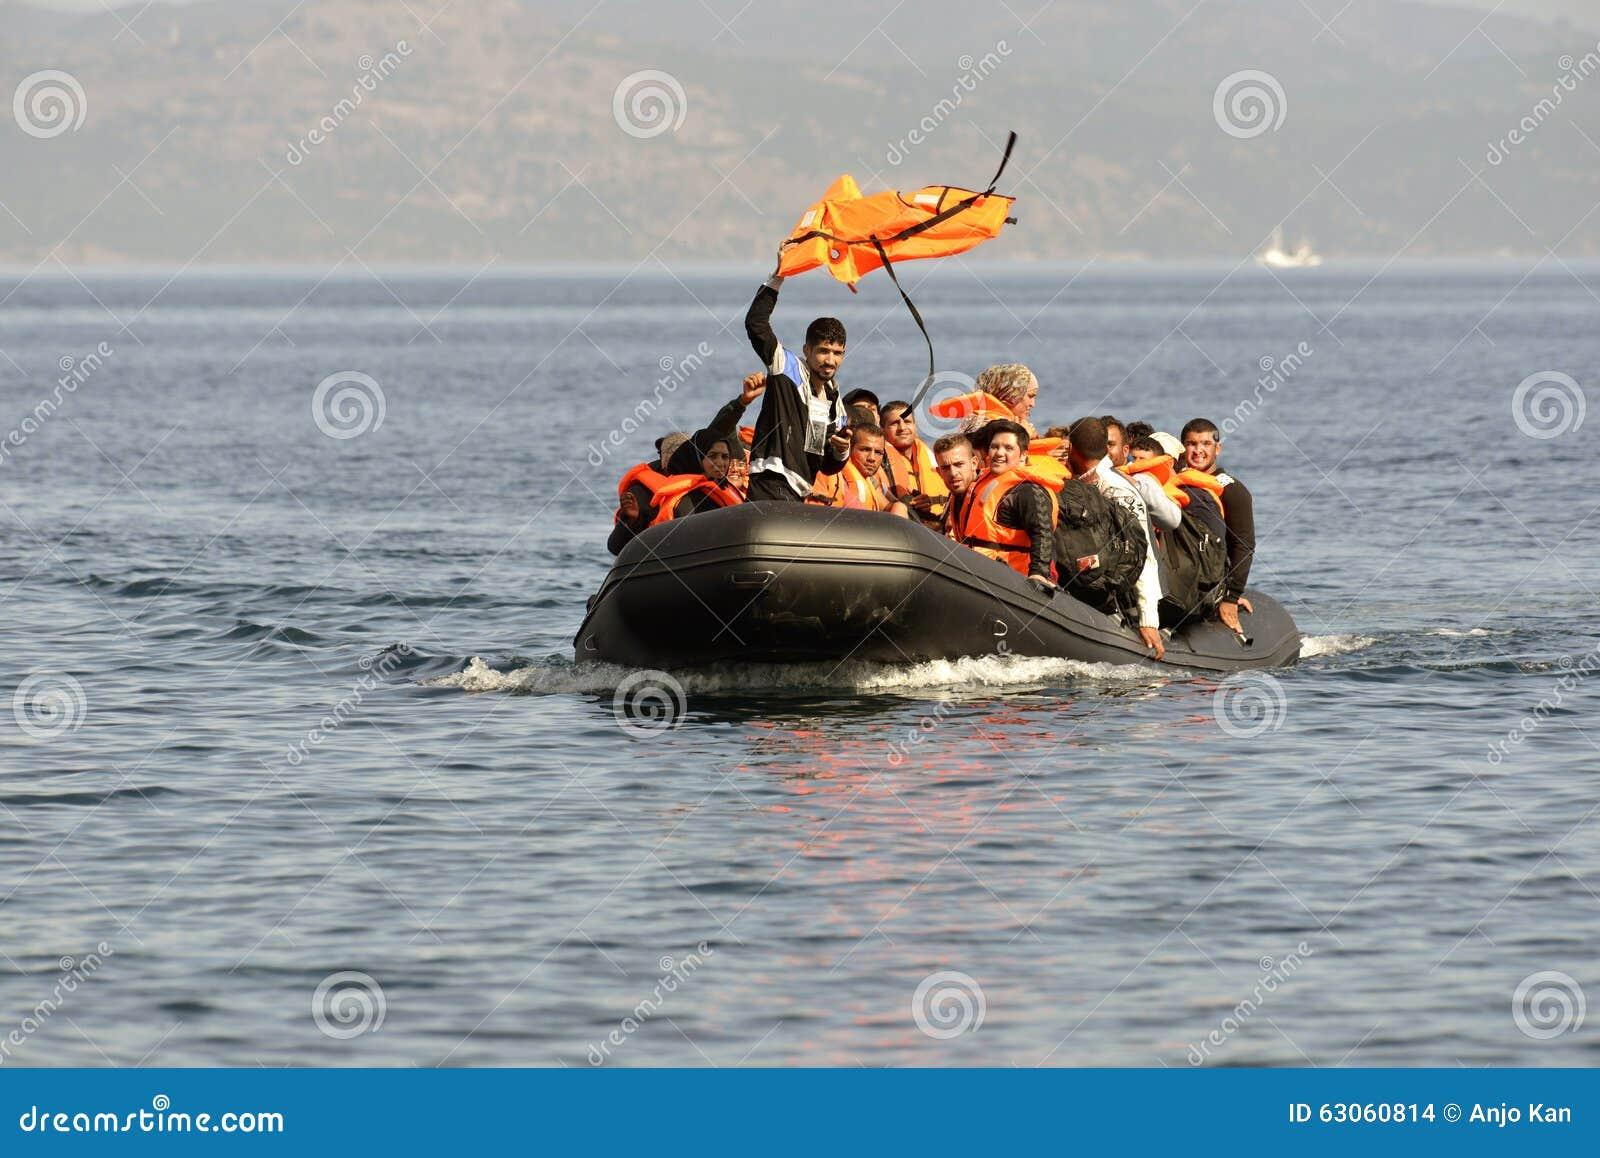 ΛΈΣΒΟΣ, ΕΛΛΑΔΑ στις 12 Οκτωβρίου 2015: Πρόσφυγες που φθάνουν στην Ελλάδα στη dingy βάρκα από την Τουρκία